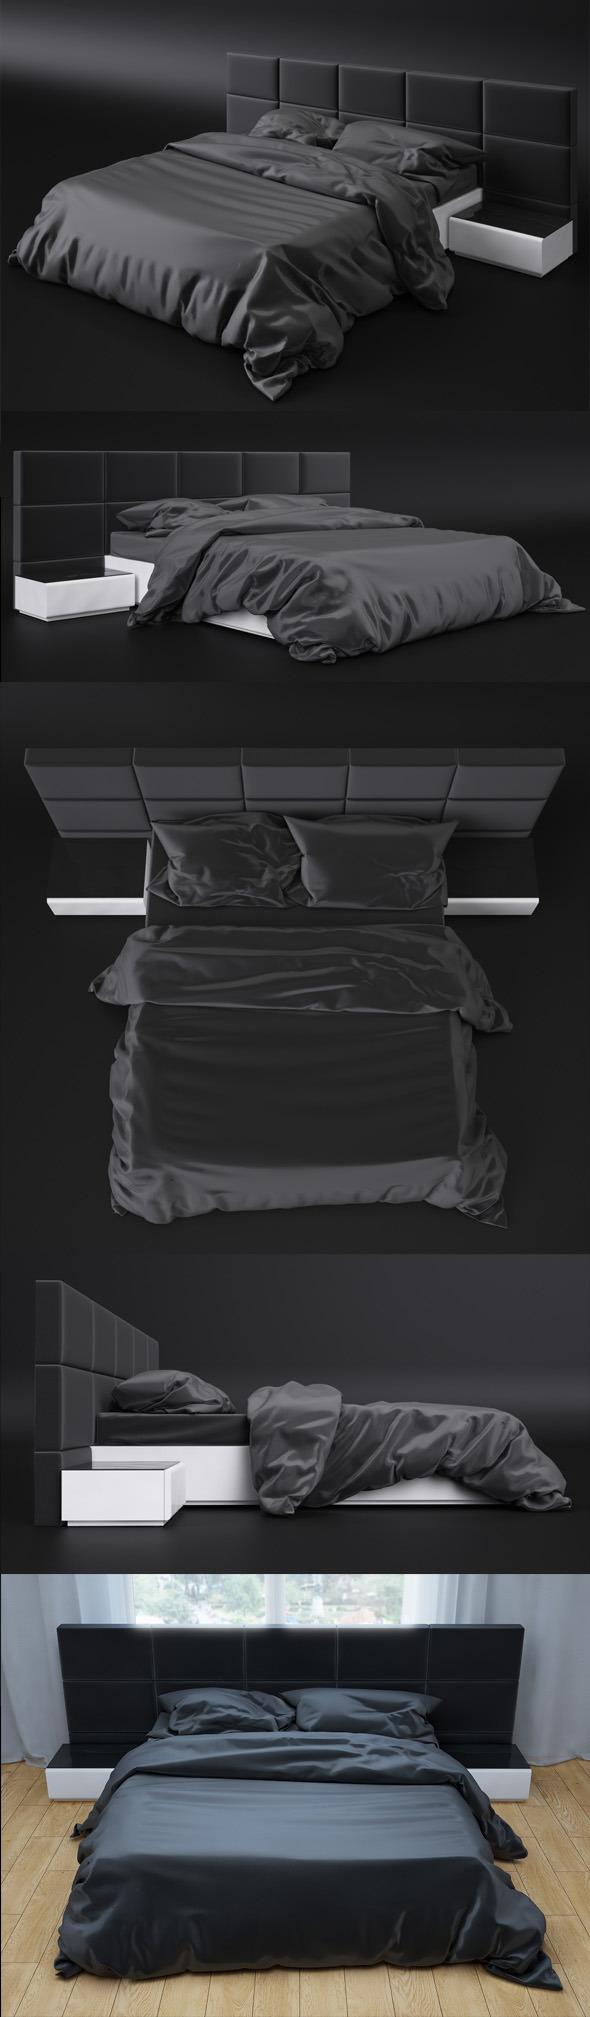 3DOcean Bed sicilia premium 3D Model 6048058